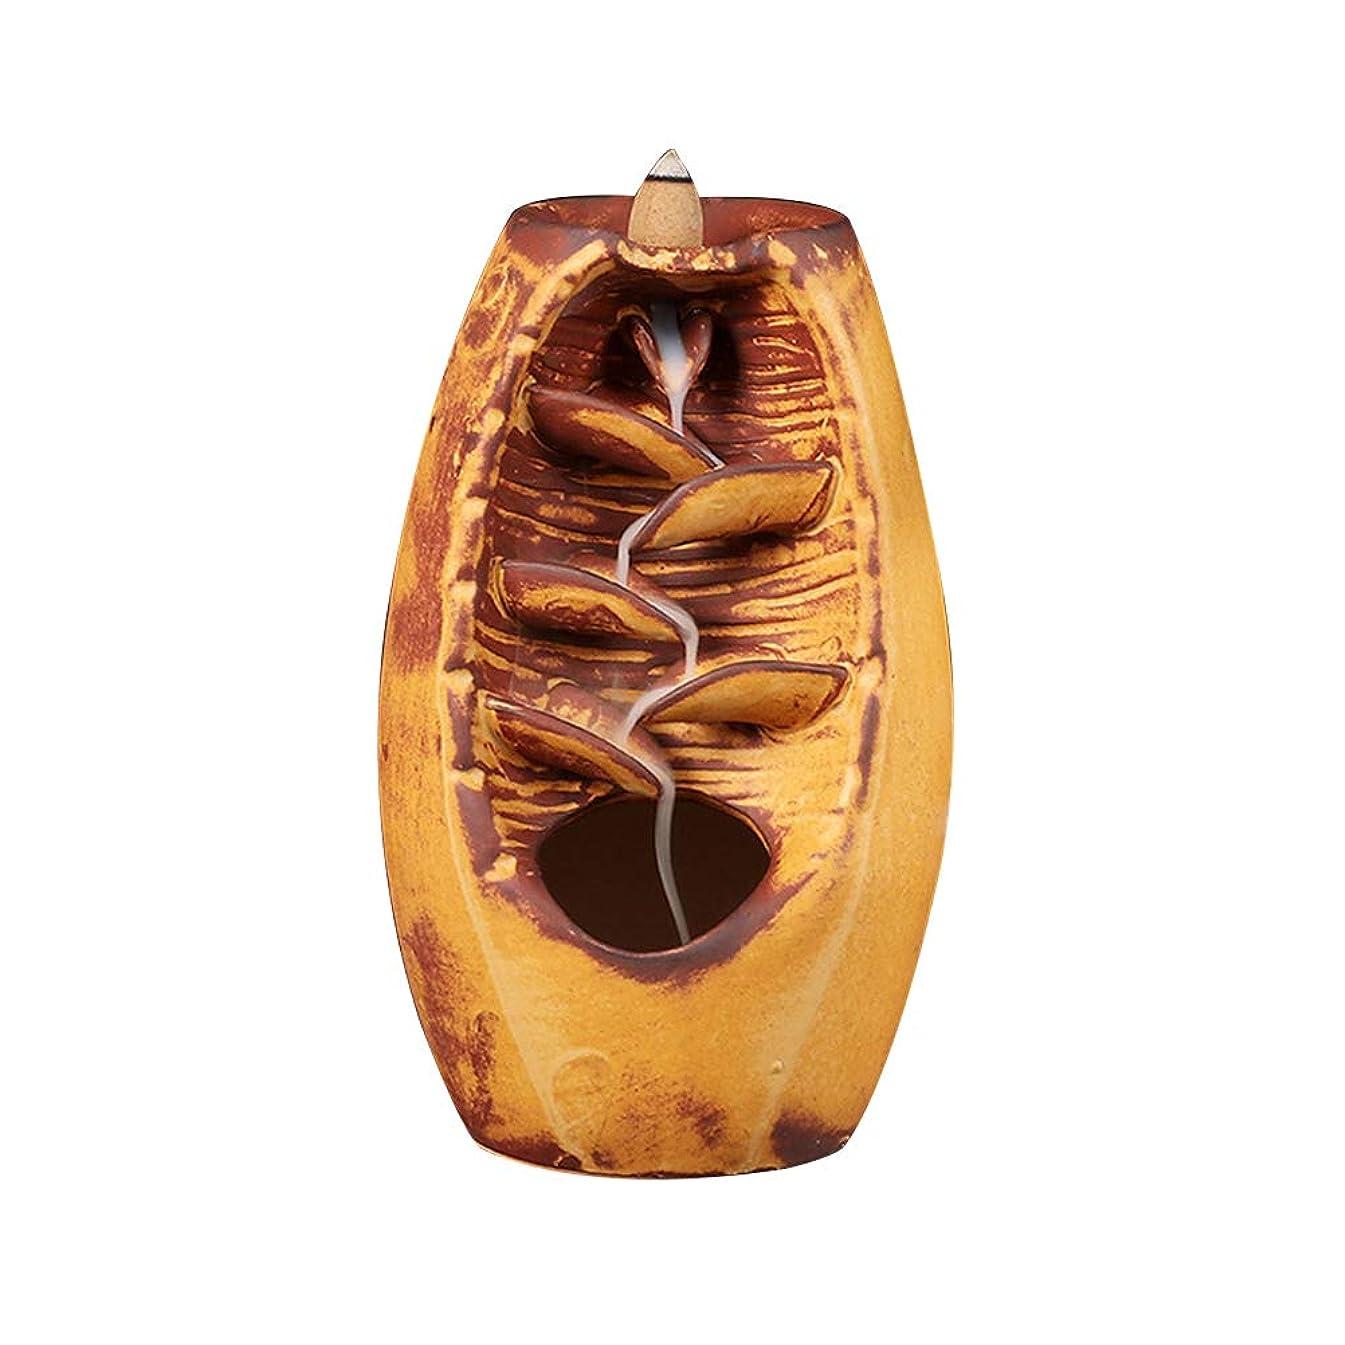 意欲カップオーナーVosarea 逆流香バーナー滝香ホルダーアロマ飾り仏教用品(金)